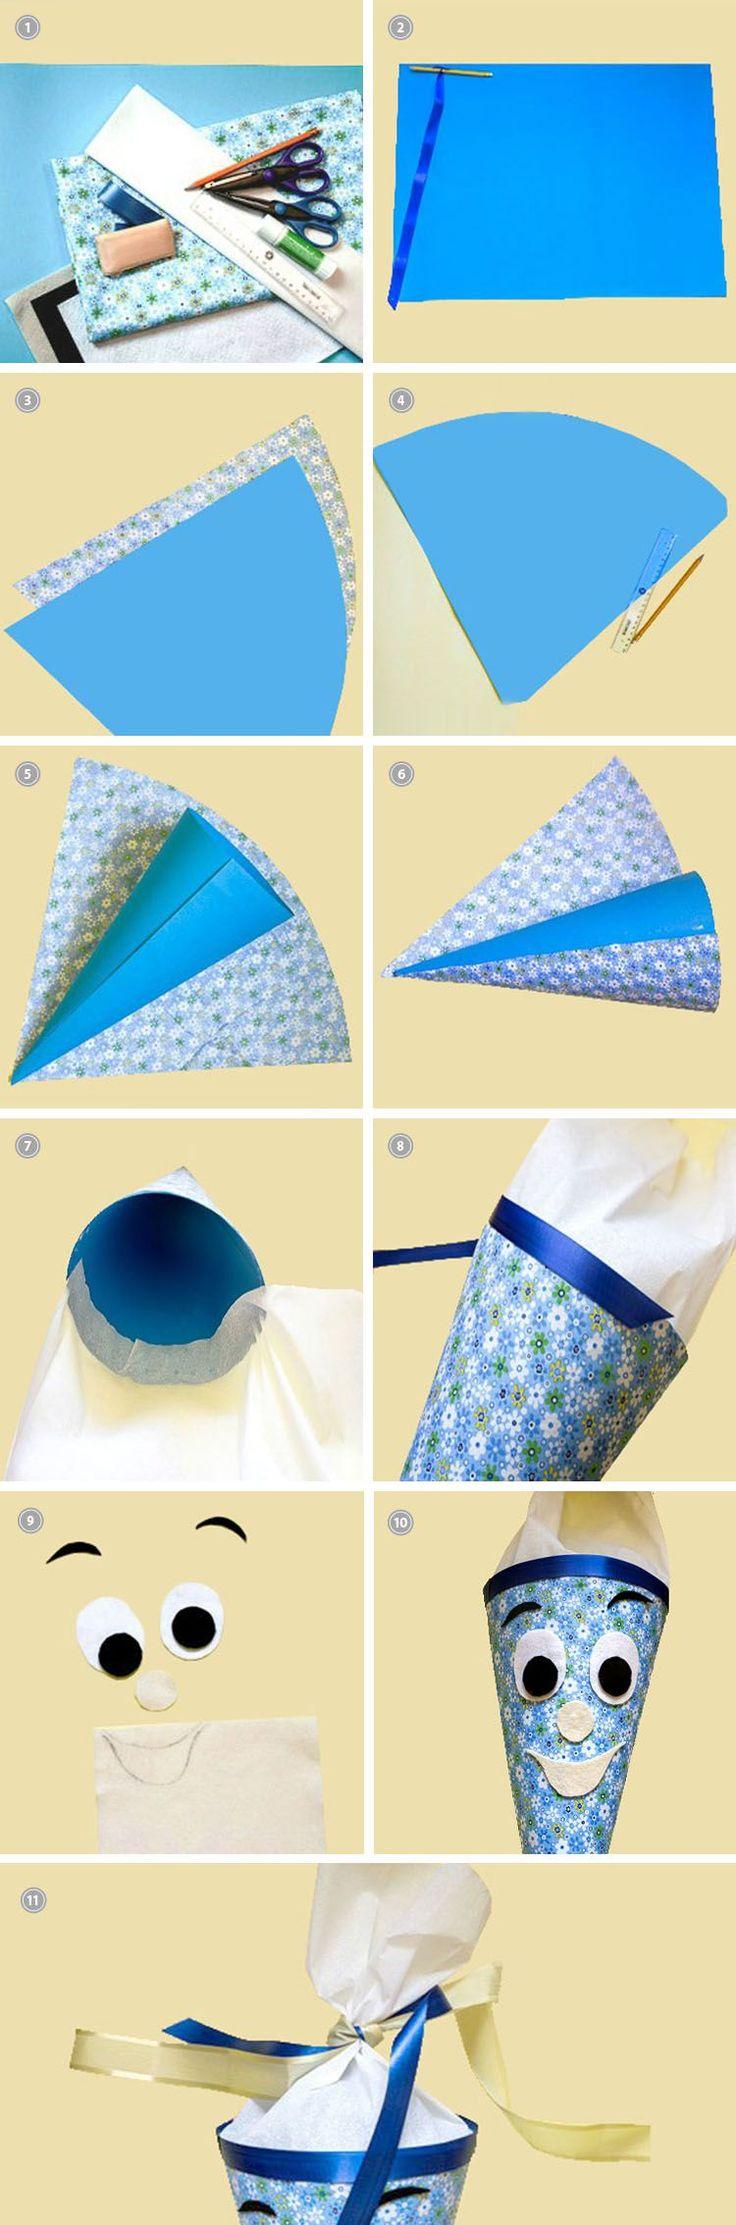 Bereite deinem Kind eine Freude zum ersten Schultag. Wir zeigen dir, wie du ihm eine Schultüte ganz einfach selber basteln kannst.